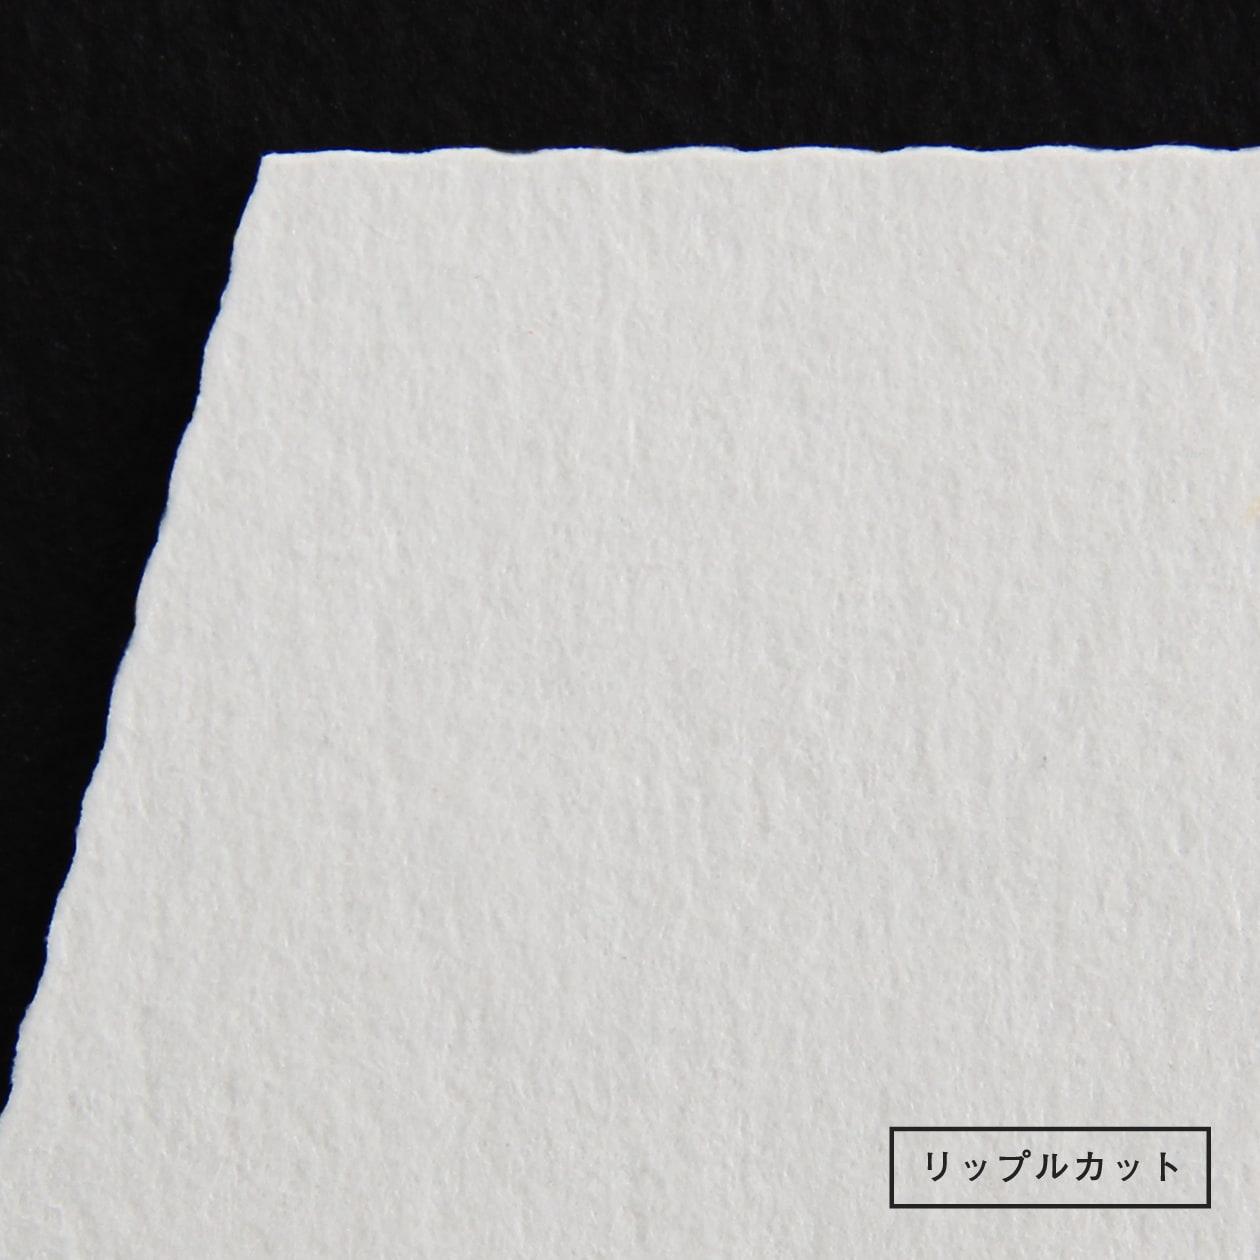 角2封筒 HAGURUMA Basic プレインホワイト 100g